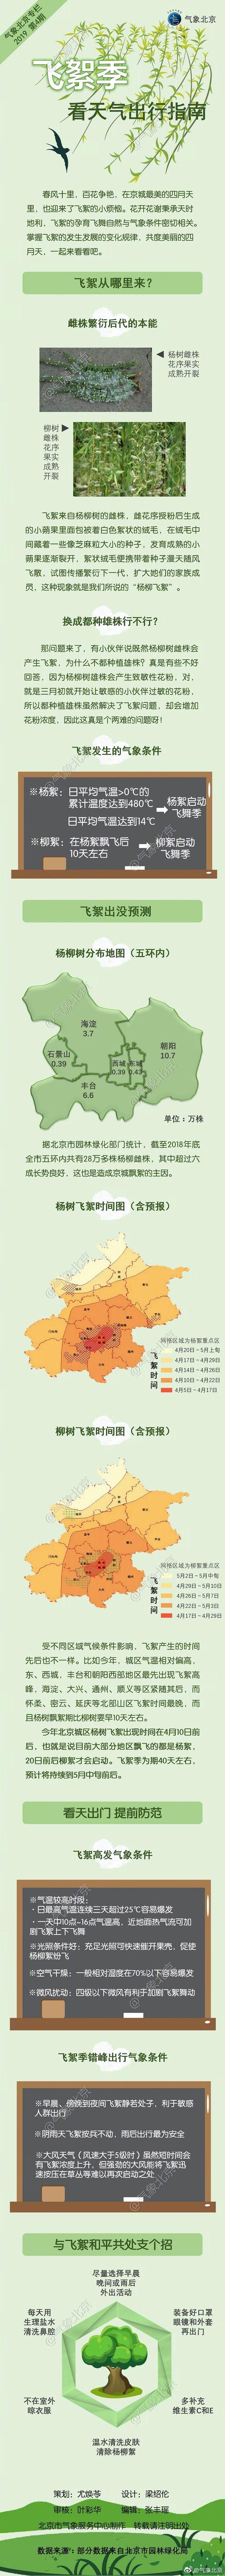 北京飞絮季节出行防护指南